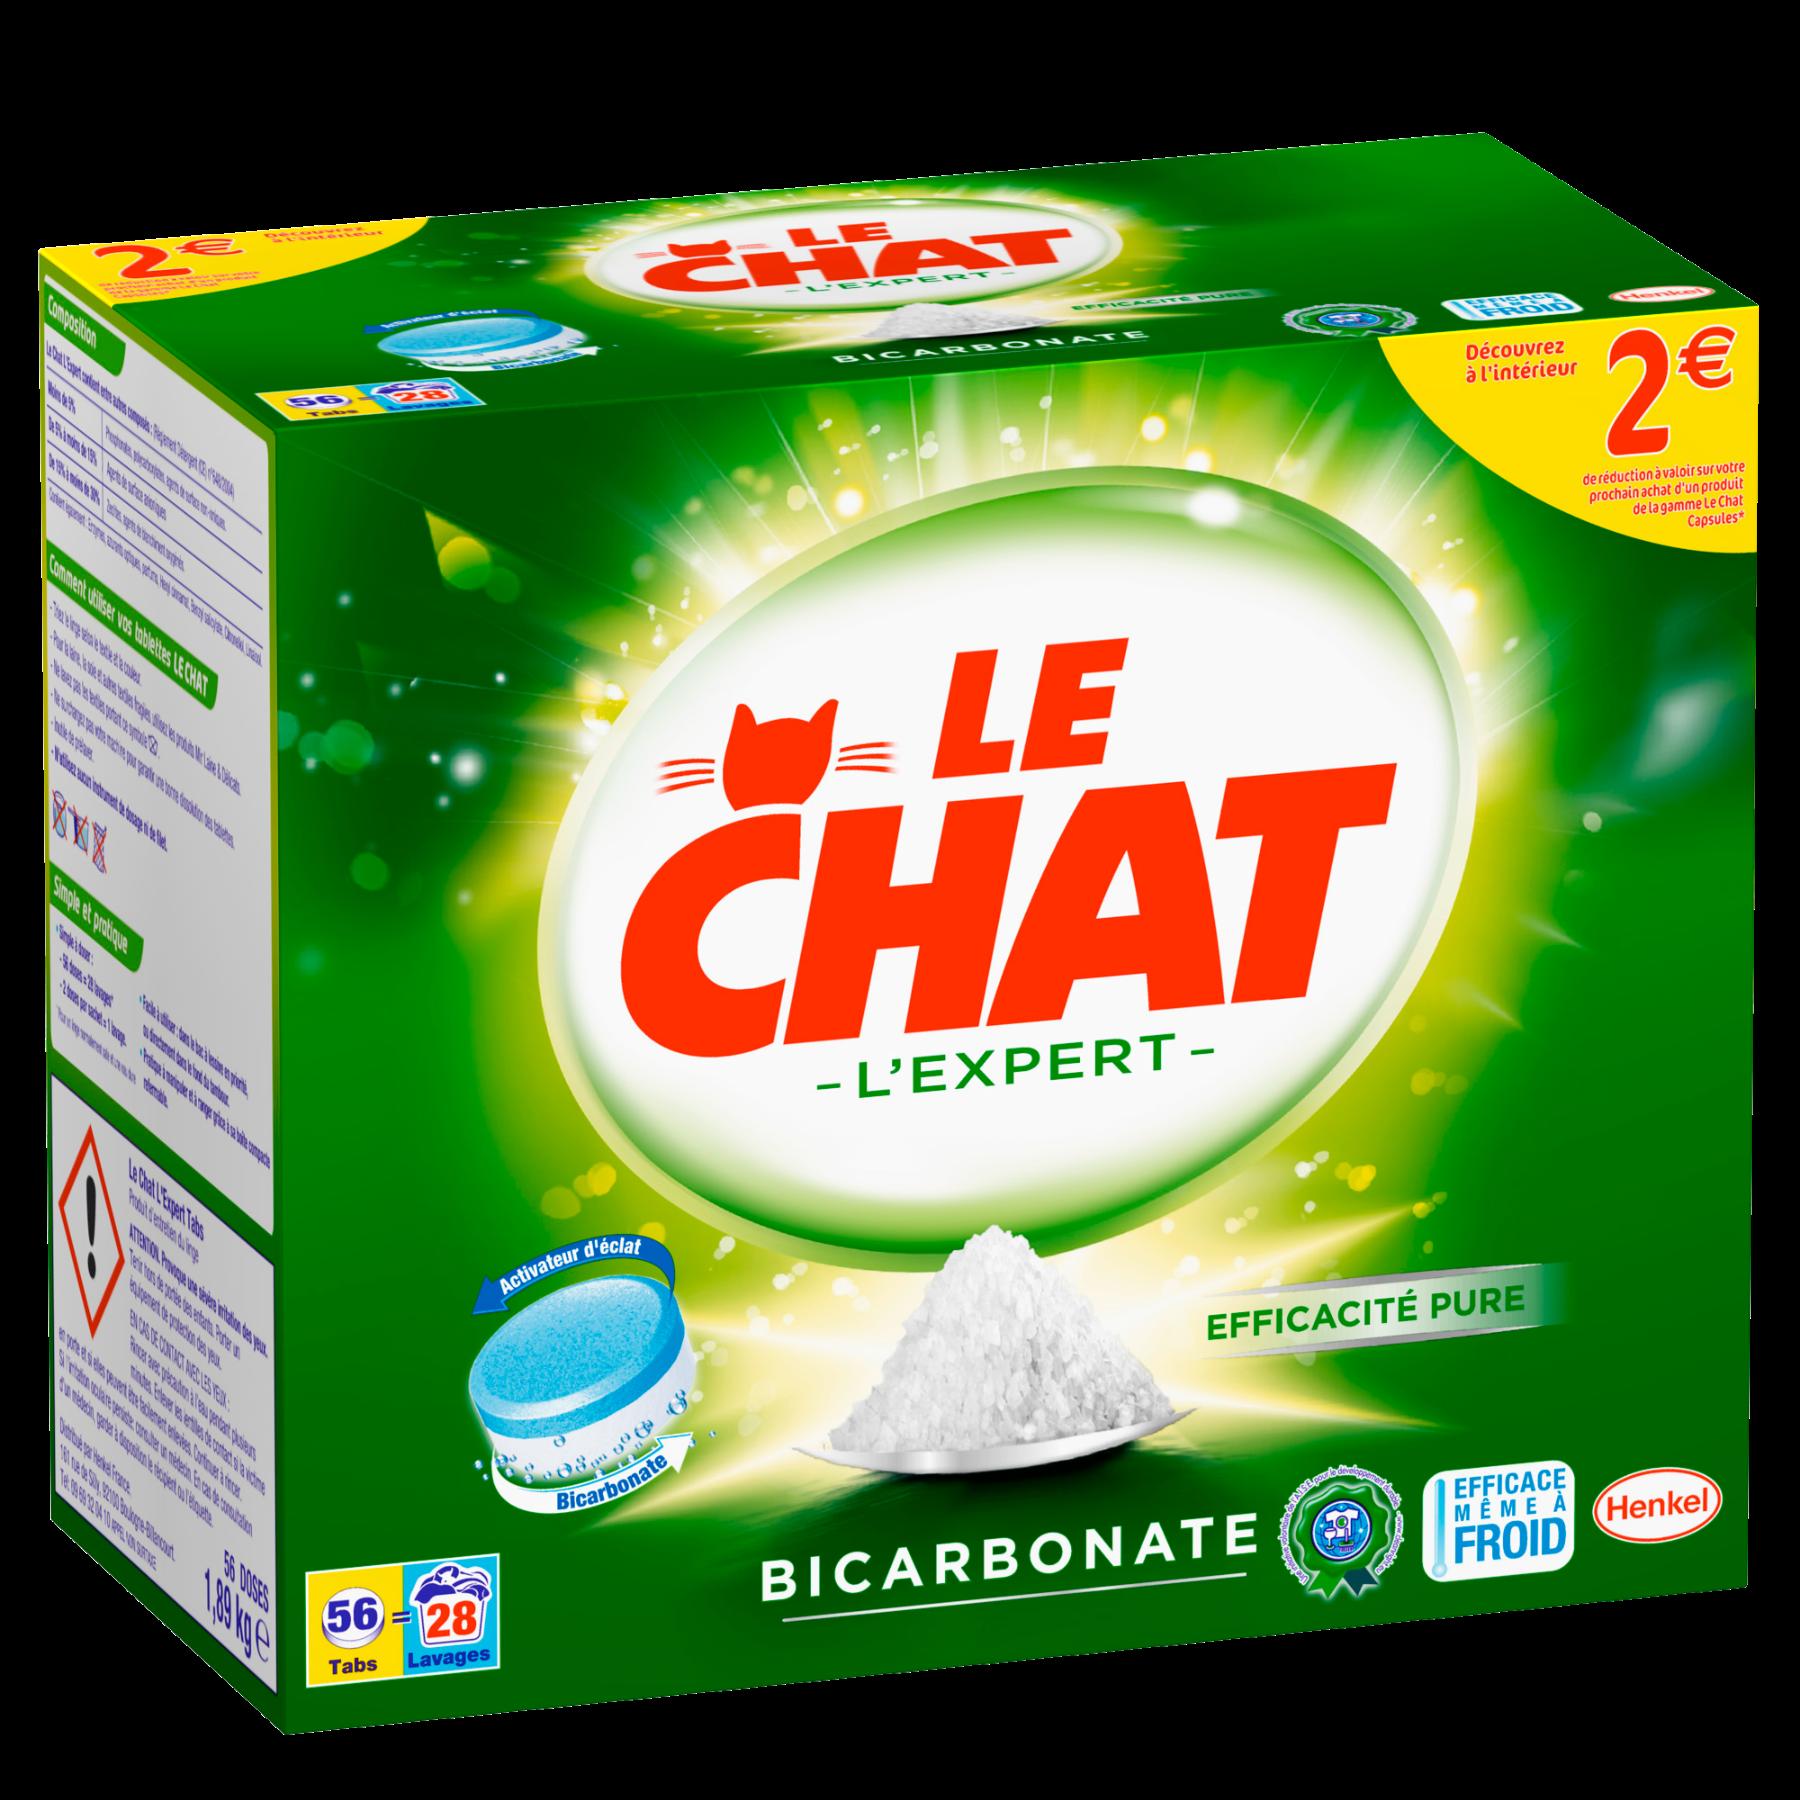 LESSIVE TABS L'EXPERT,LE CHAT,Boîte 1.620 kg / 56 doses / 28 lavages